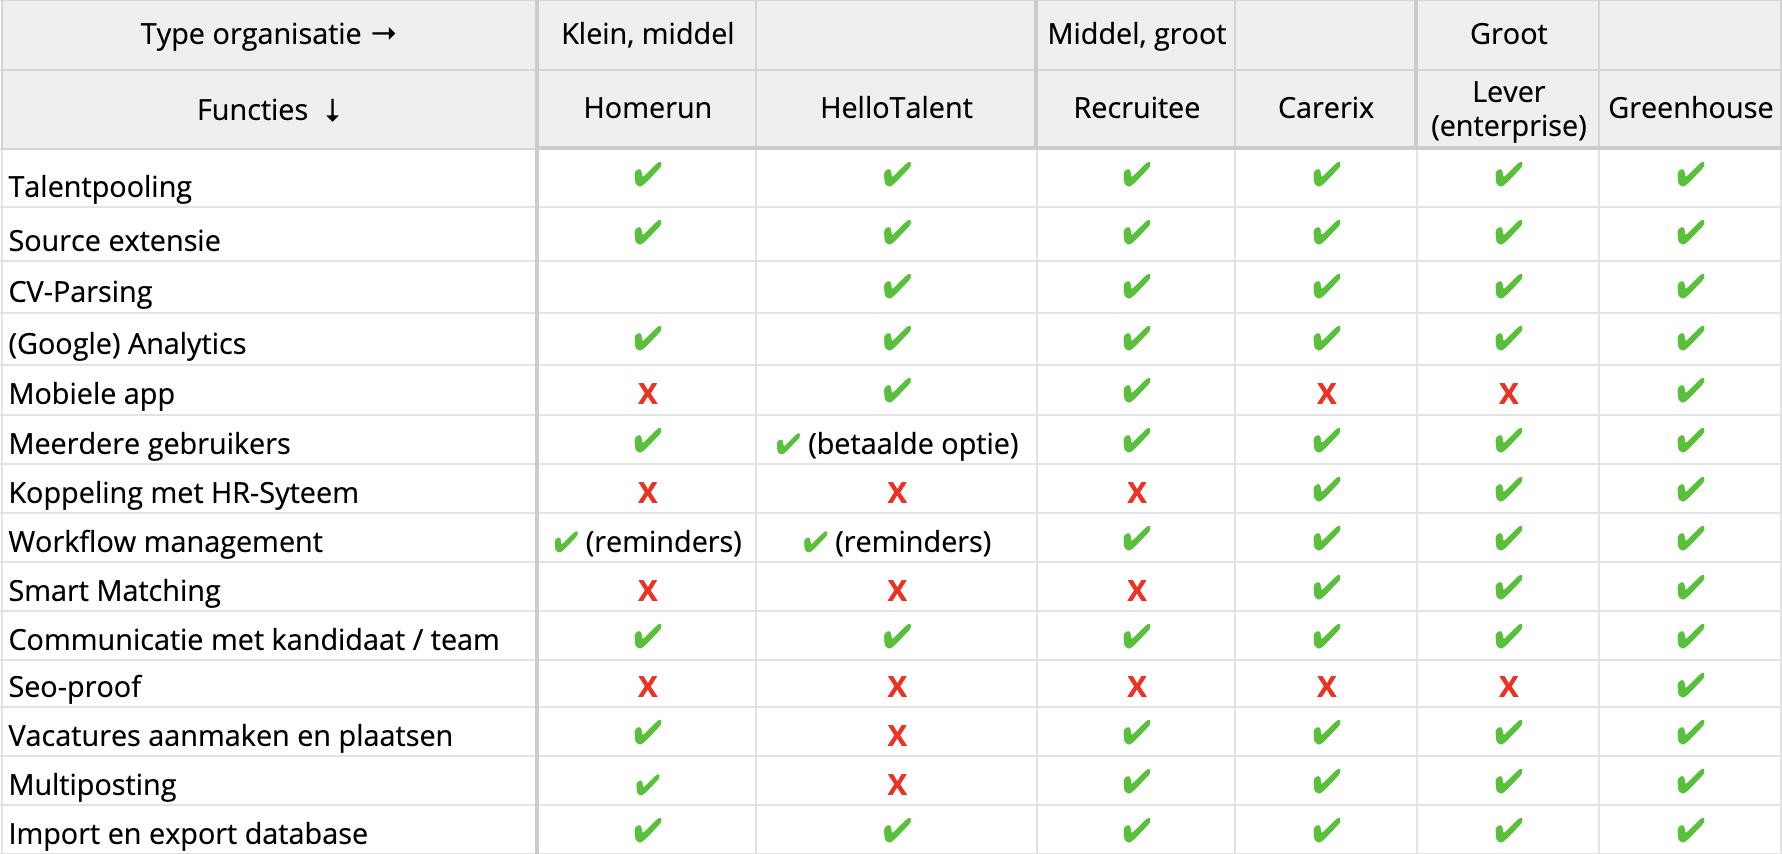 Tabel_ATS_Recruitment_systemen_vergelijking